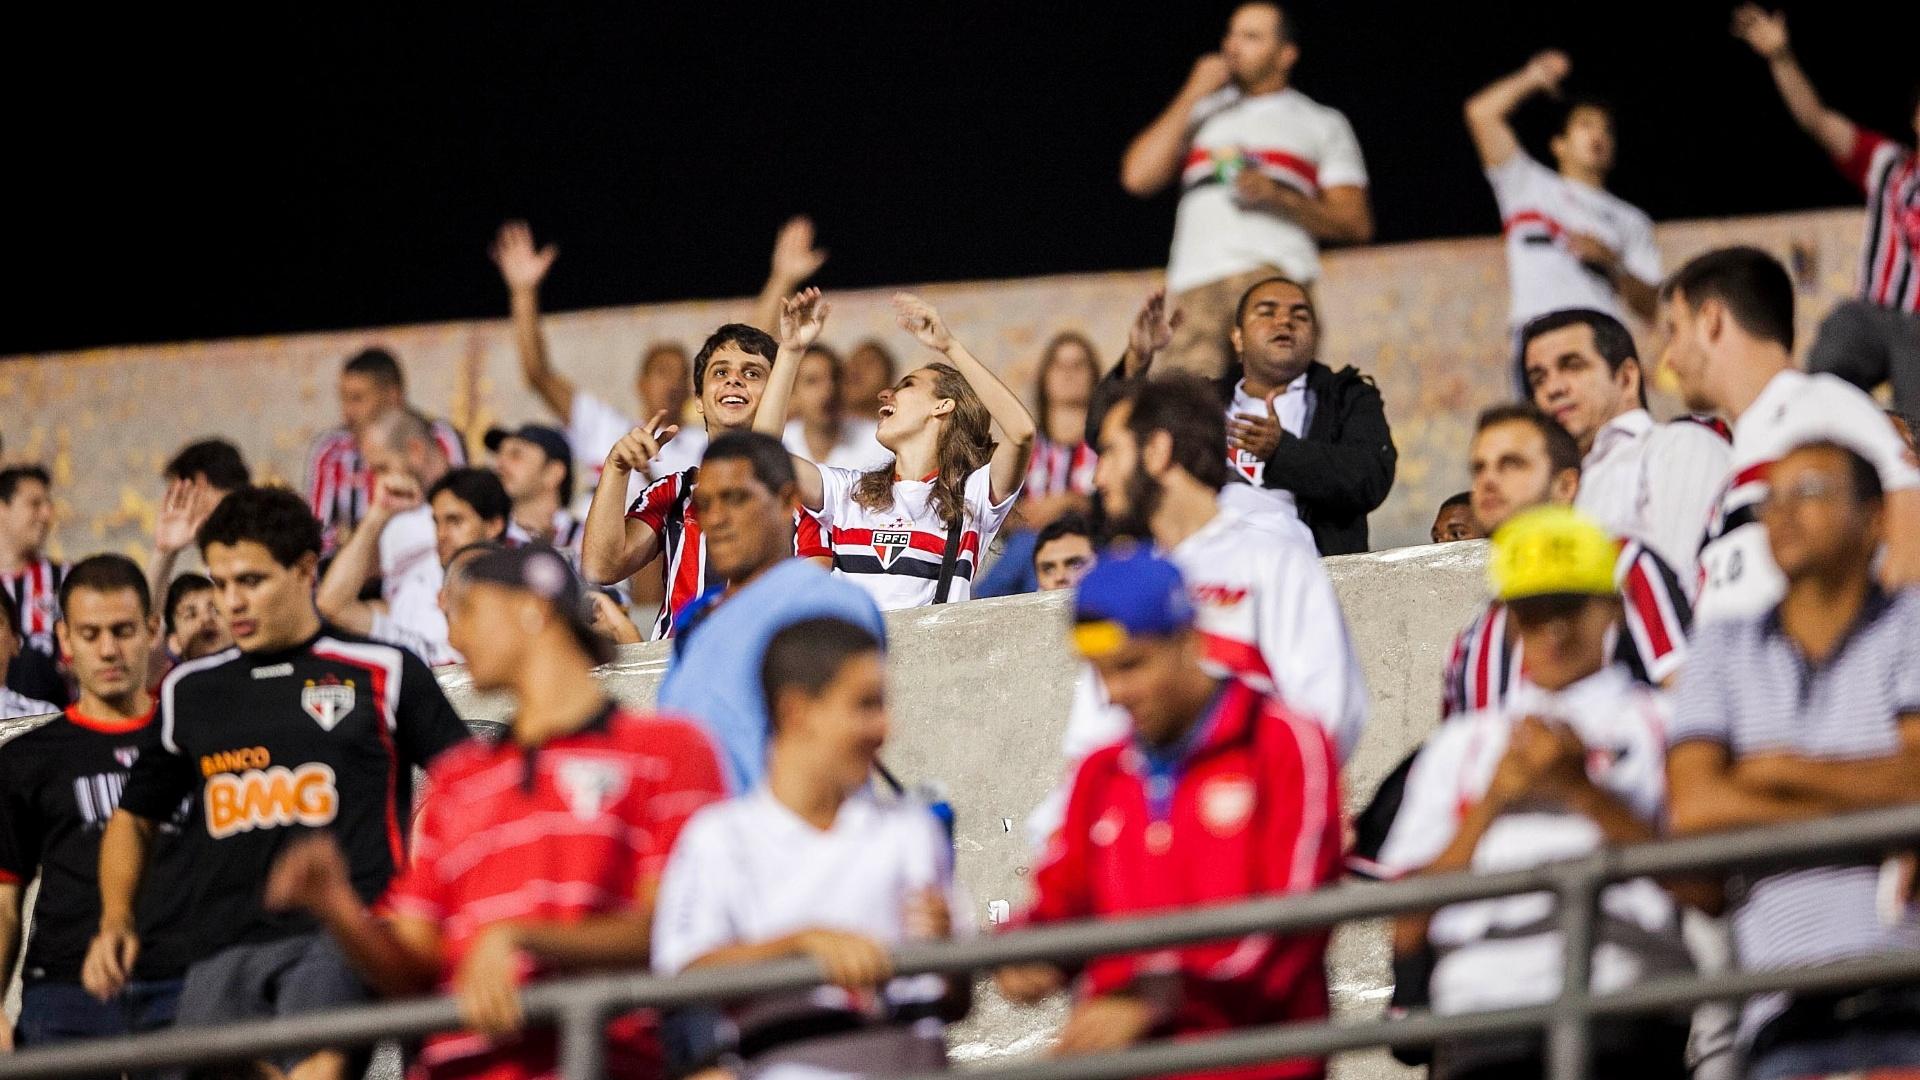 28.11.2012 - Torcida do São Paulo comparece em peso ao Morumbi para o duelo contra a Universidad Católica